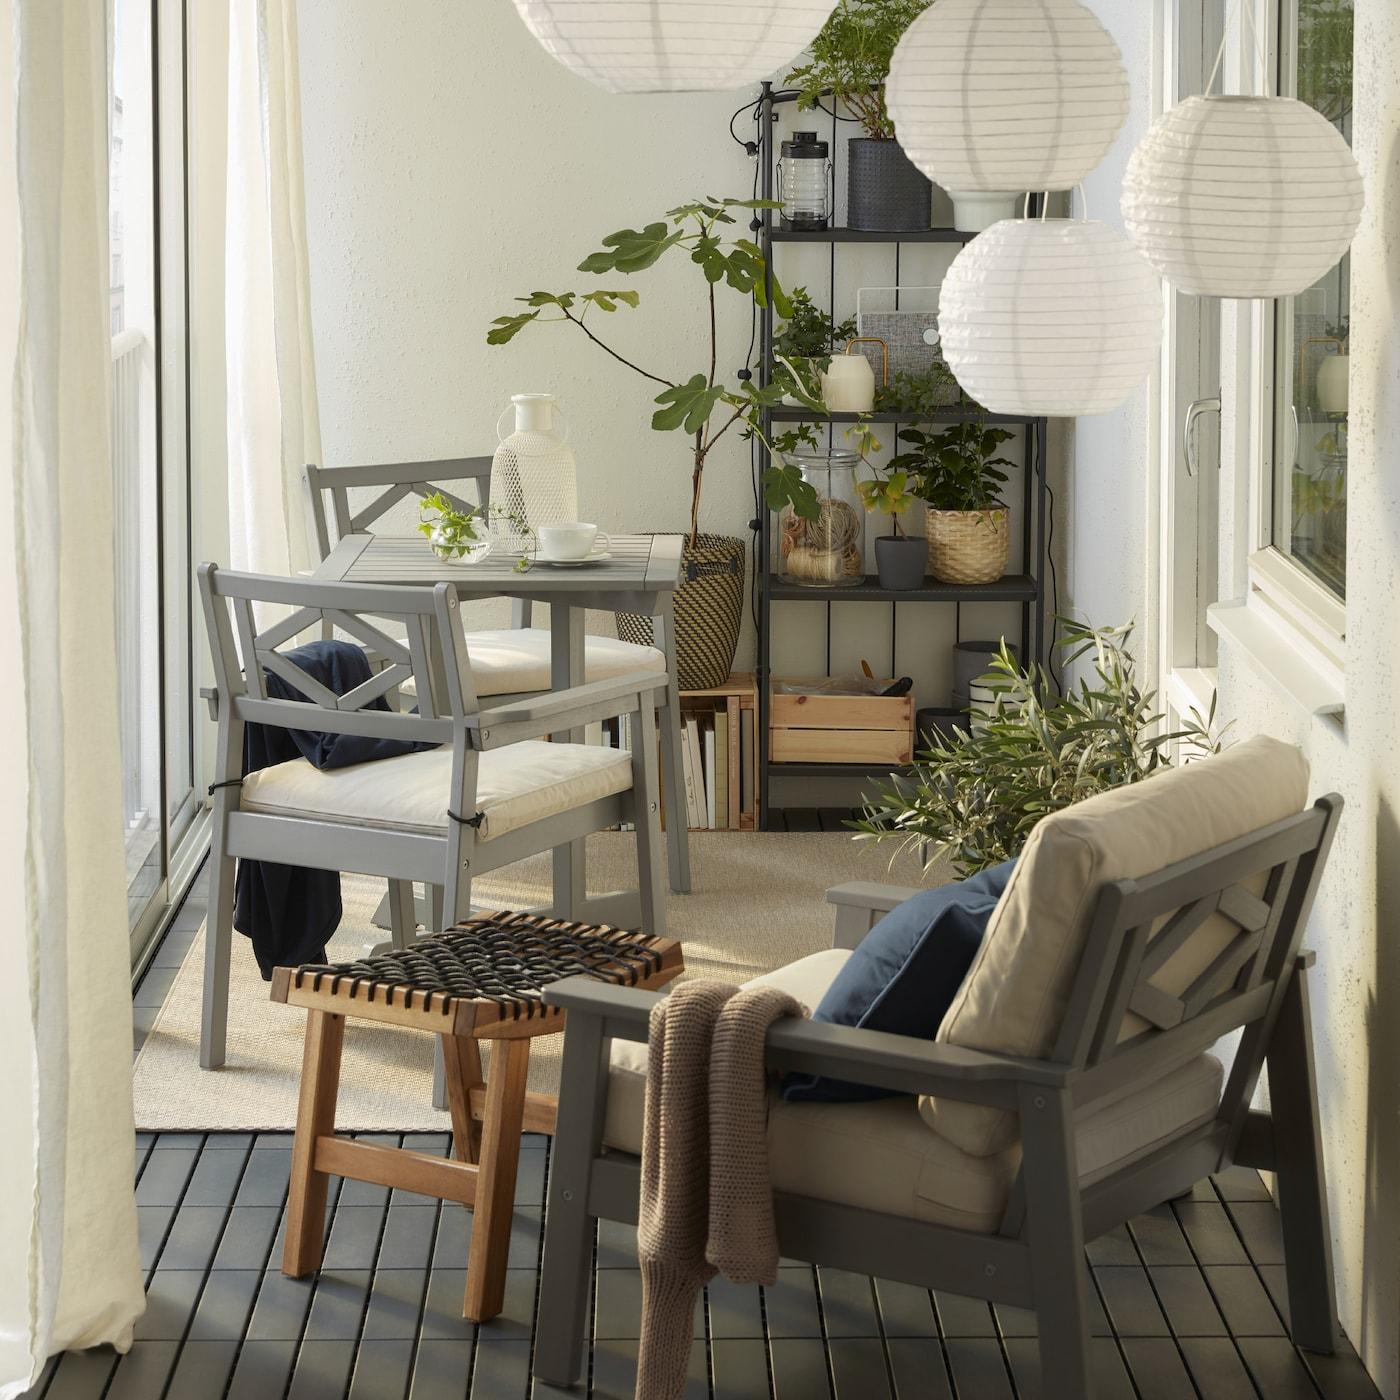 Ein kleiner Wintergarten mit BONDHOLMEN Armlehnstuhl, runden Hängeleuchten, einem beigefarbenen Teppich, vielen Grünpflanzen, Sessel und grauem Regal.